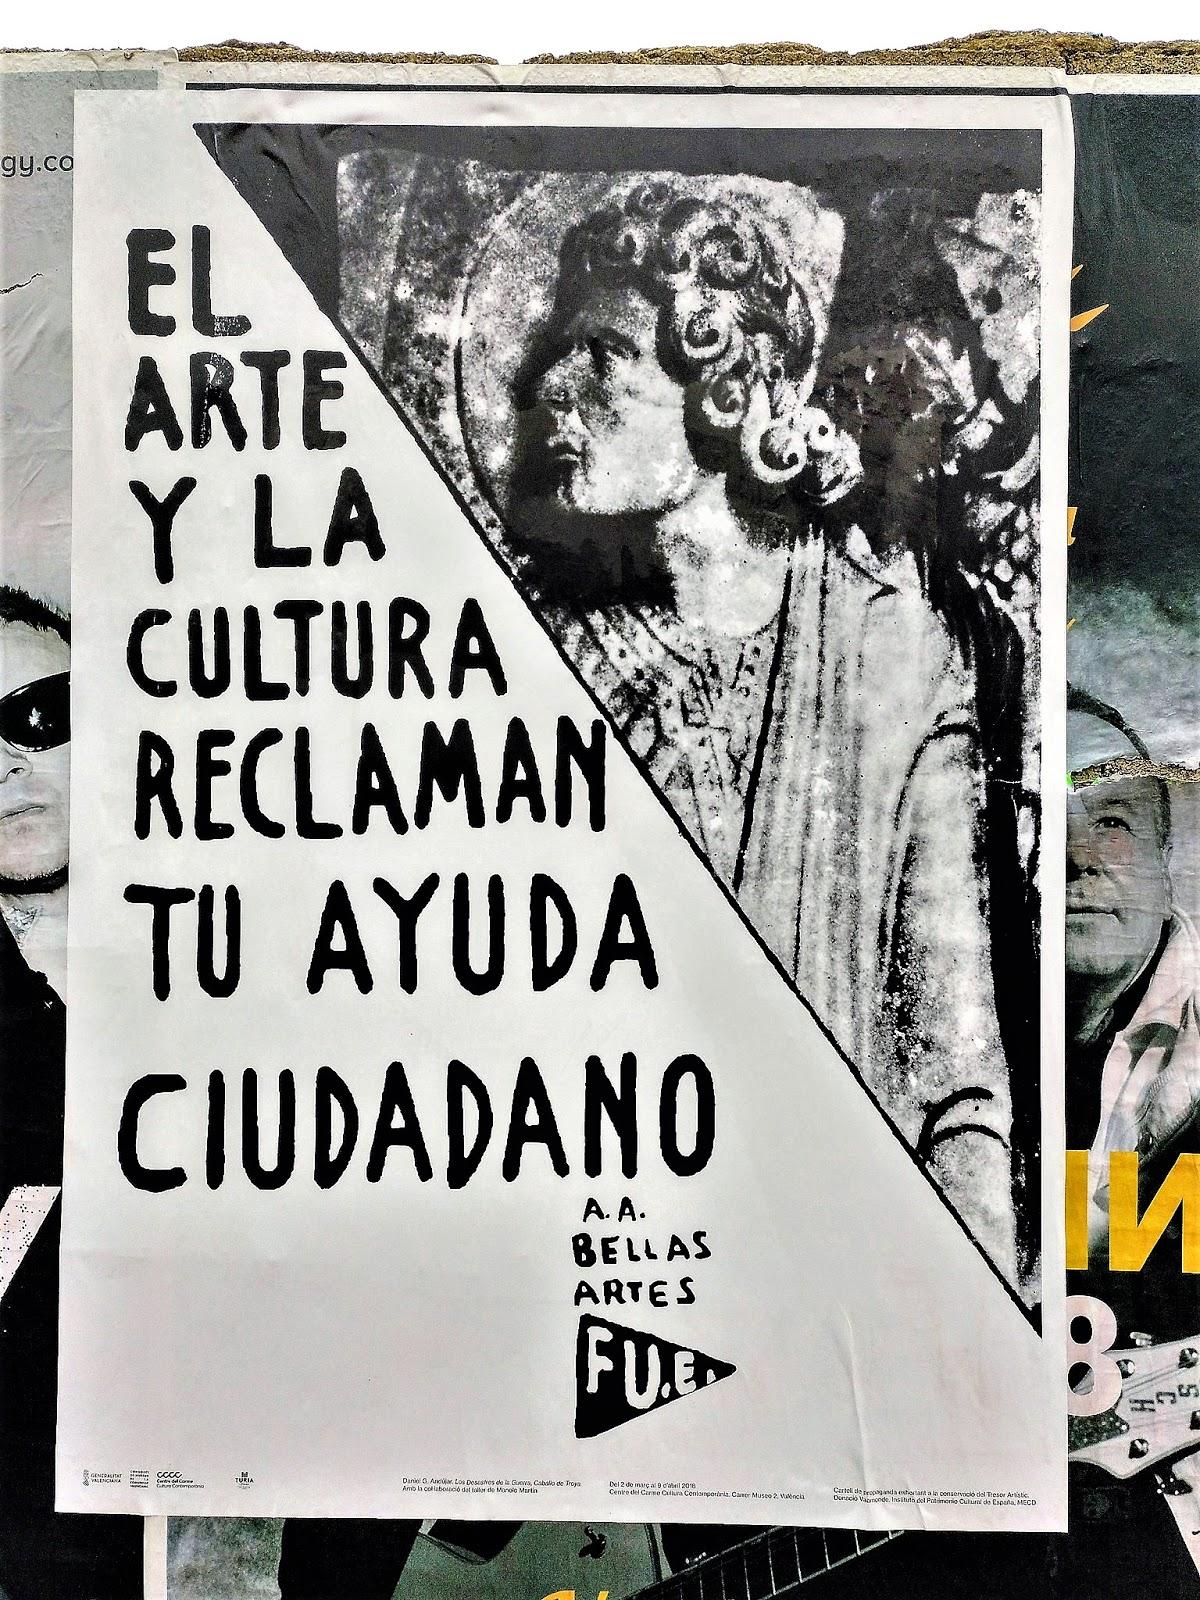 Salvemos Metropol - El Arte y la Cultura reclaman tu ayuda ...